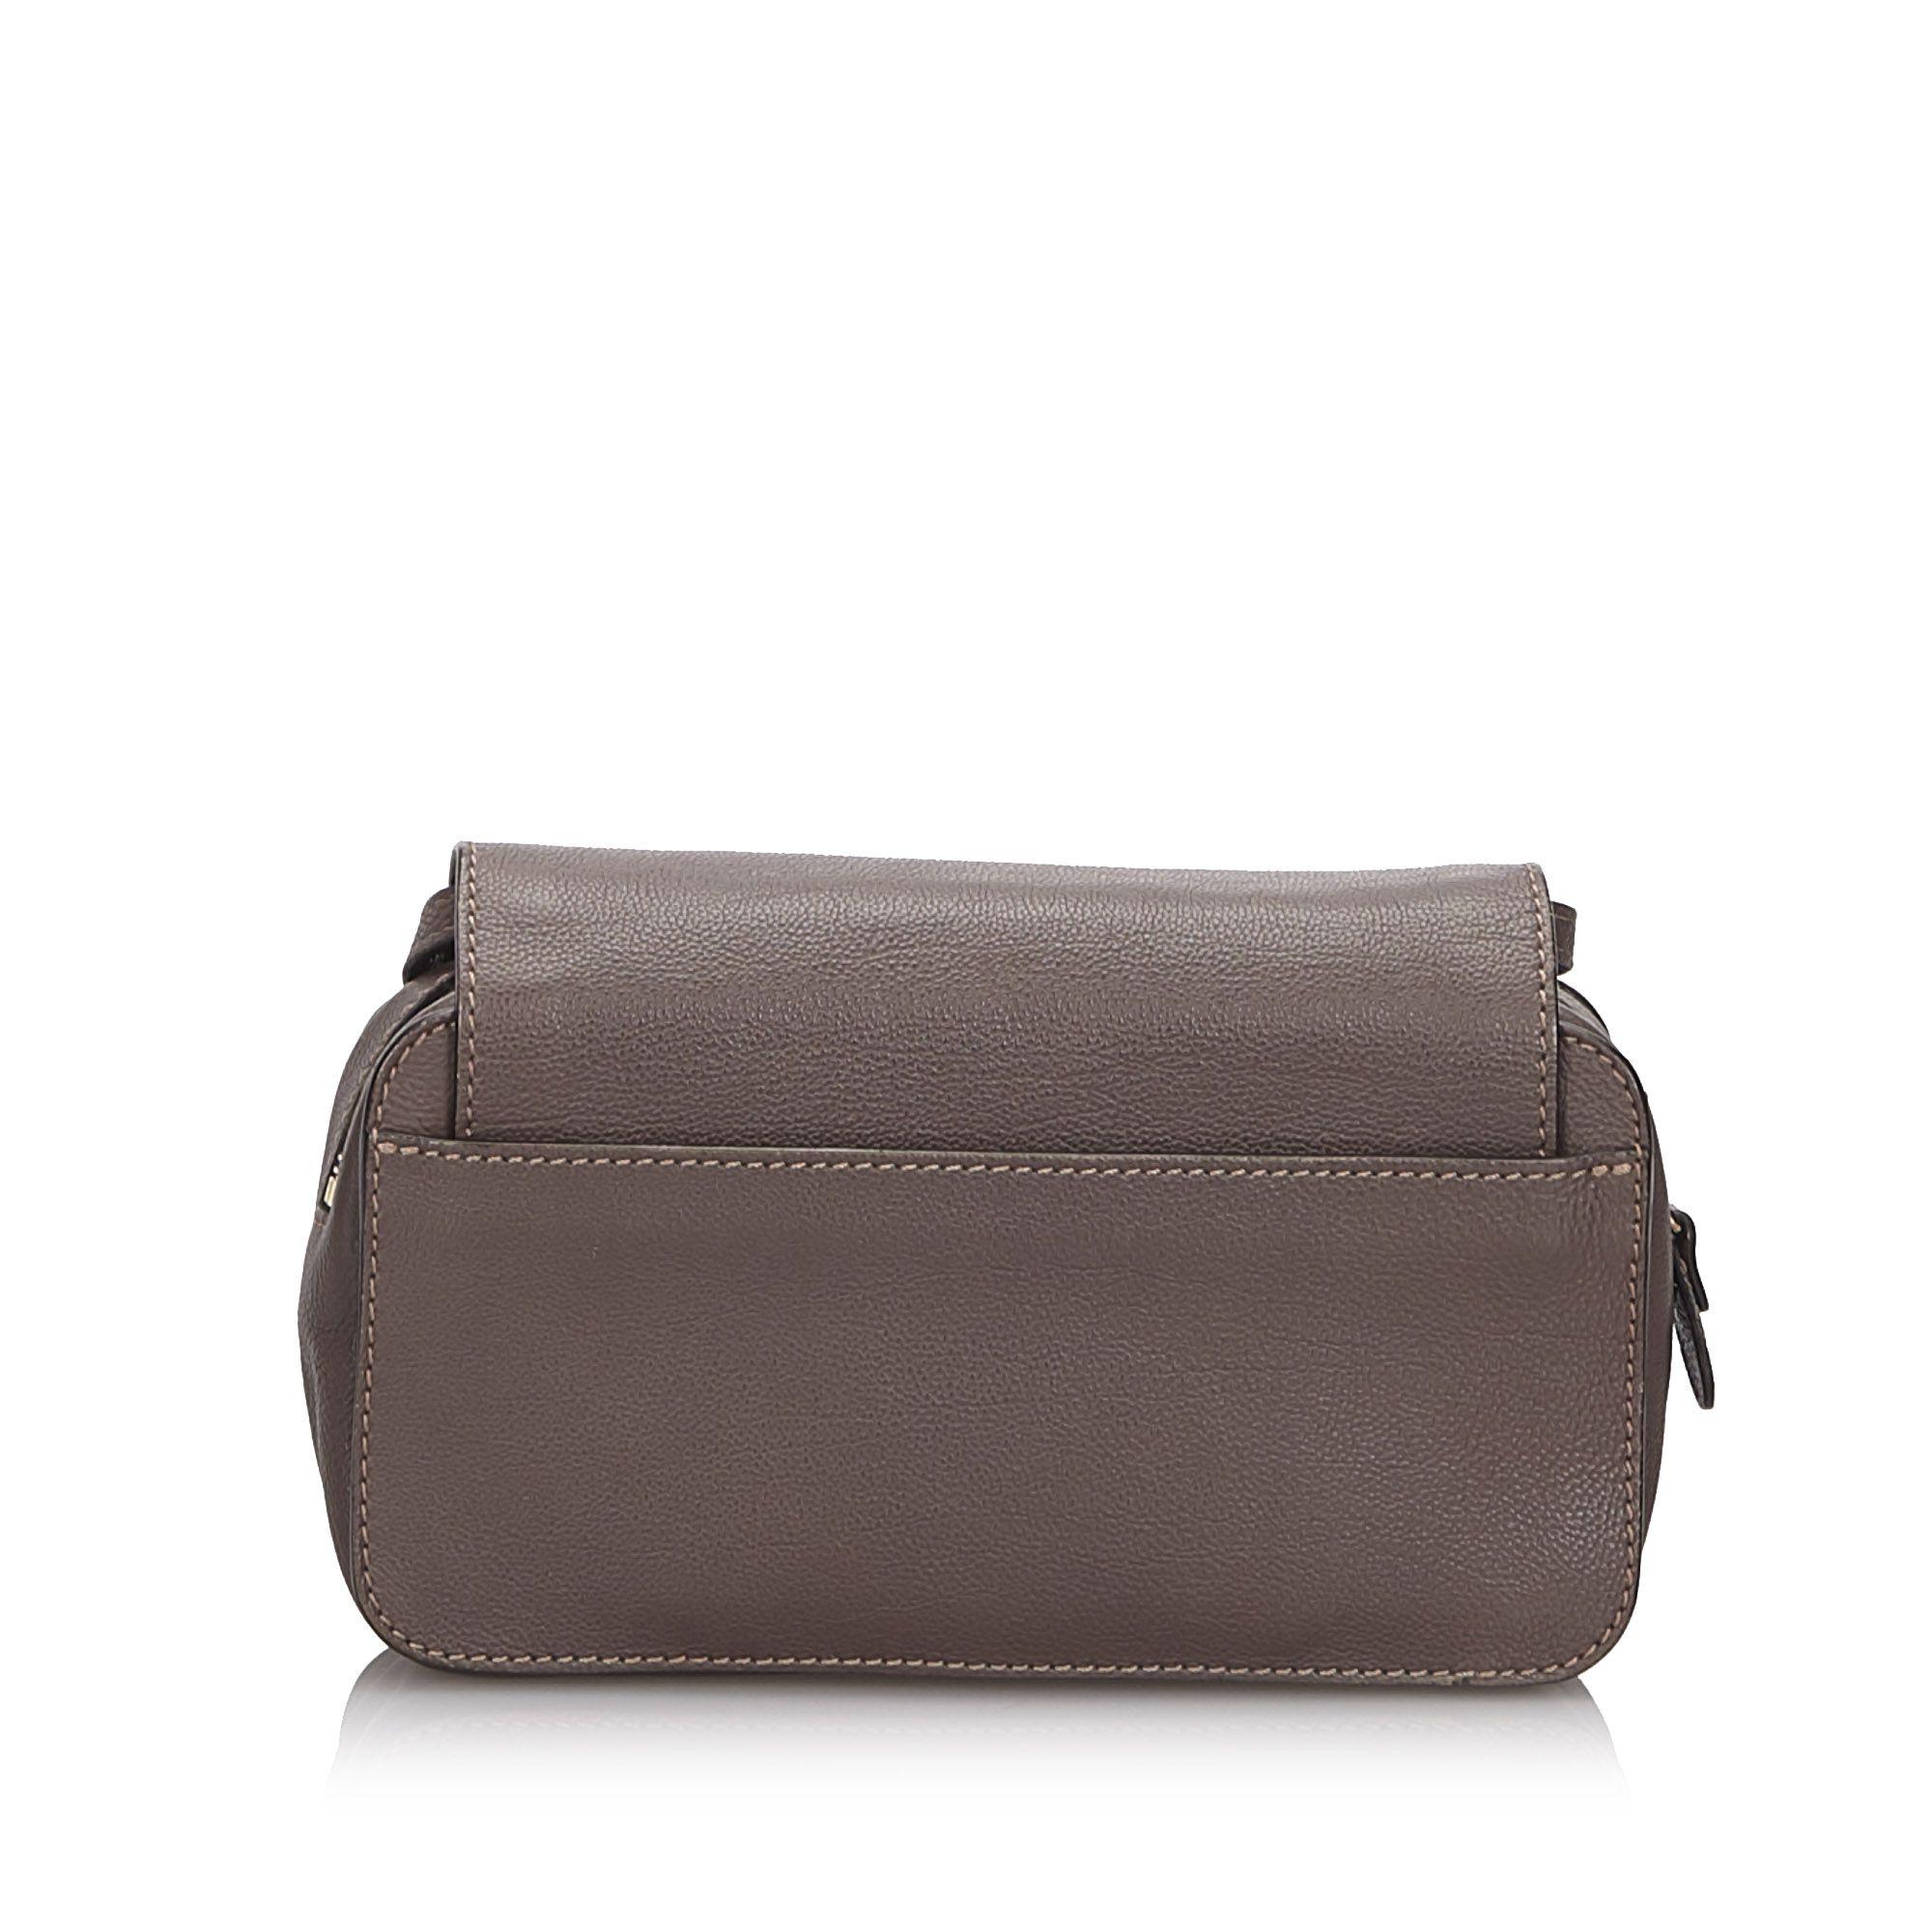 Vintage Chloe Mini Leather Elsie Crossbody Bag Brown